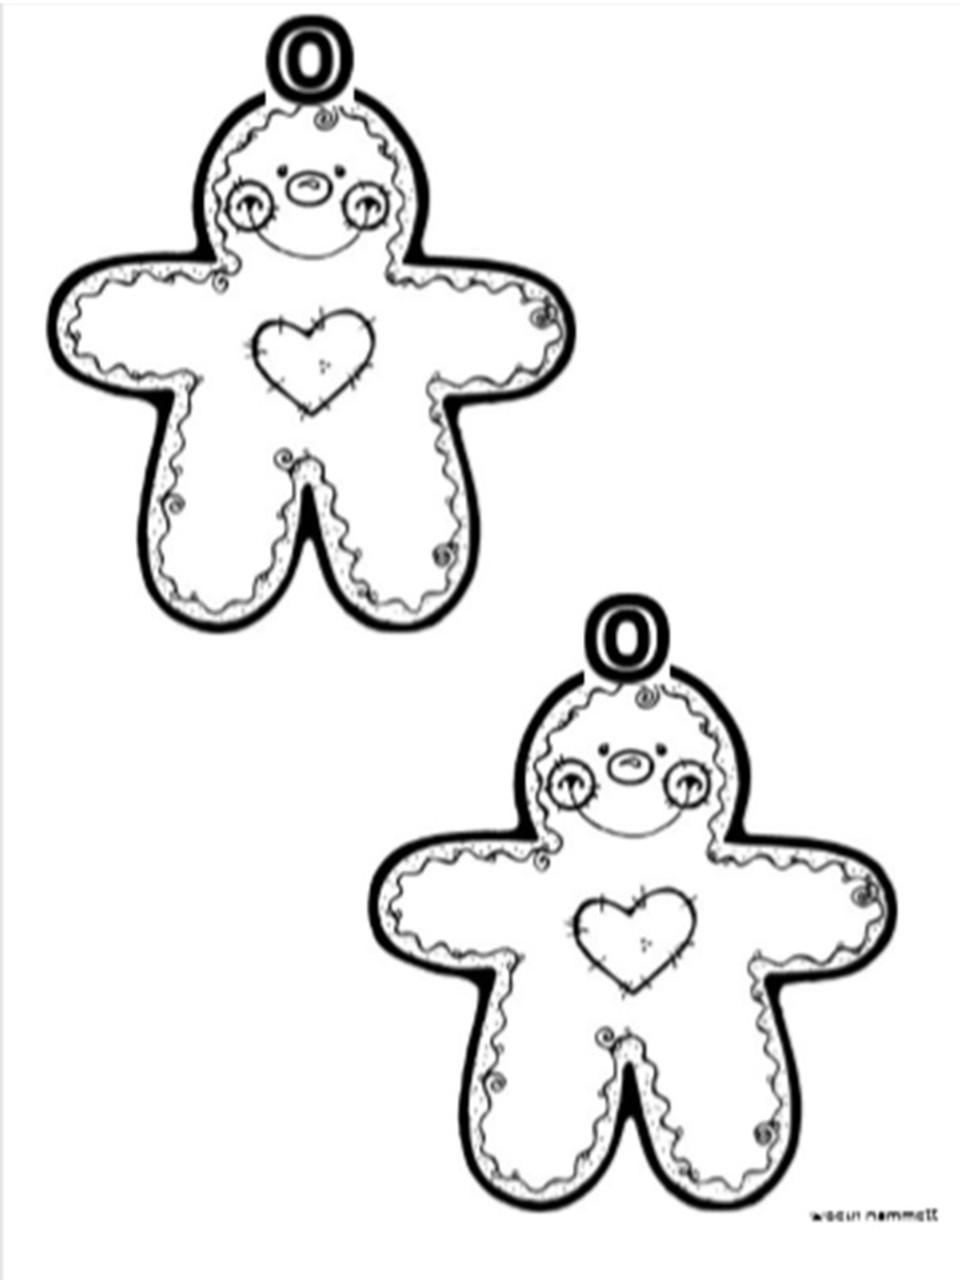 Christmas Tree Ornaments - FREE